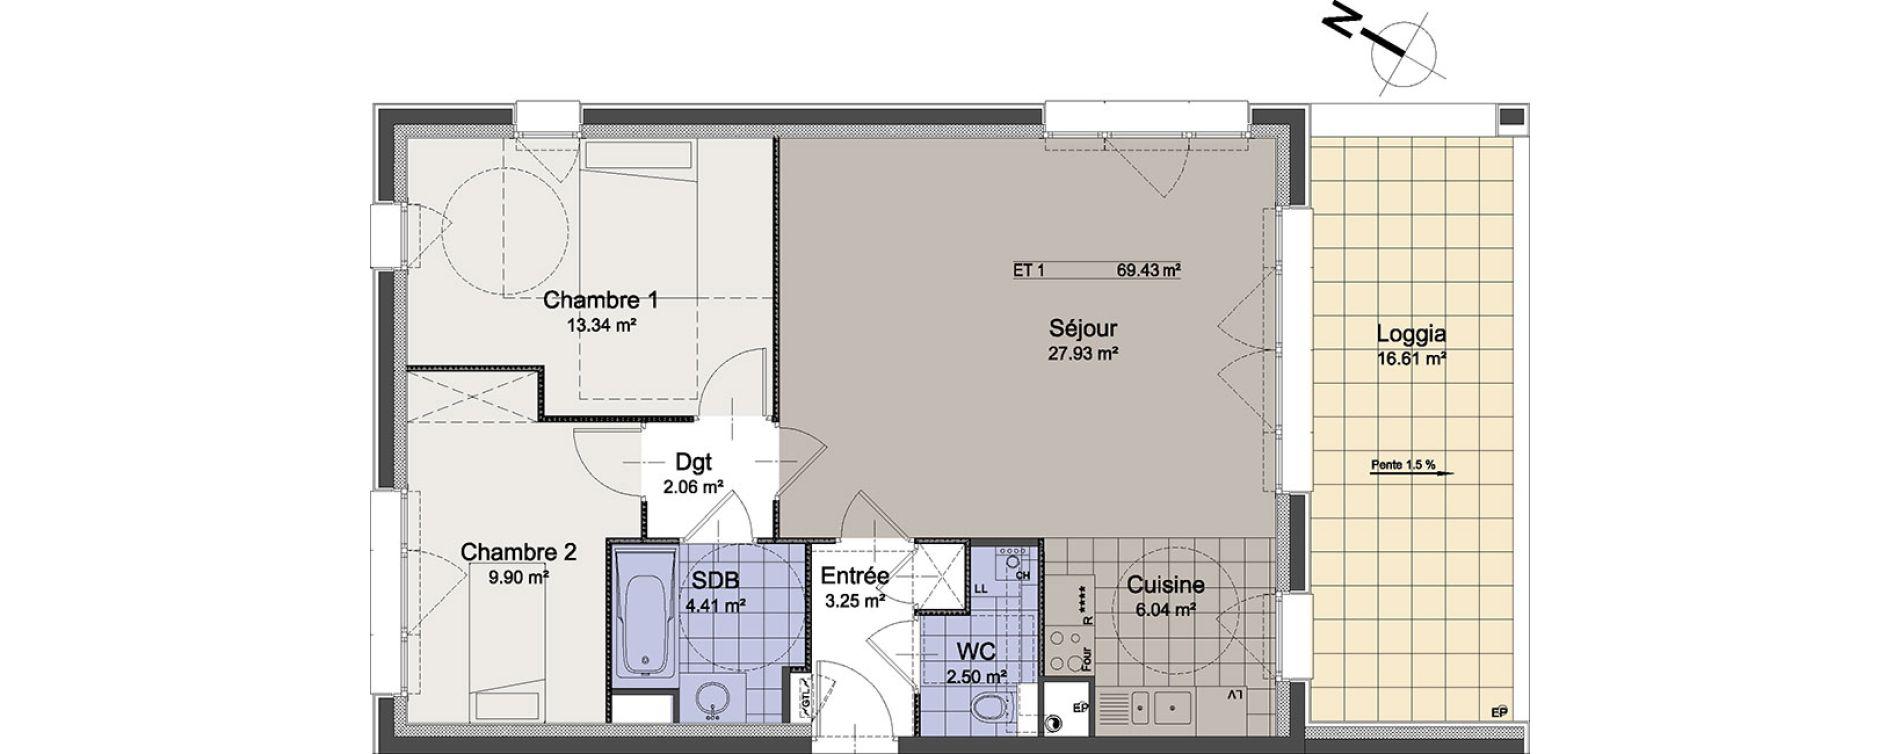 Appartement T3 de 69,43 m2 à Linselles Centre